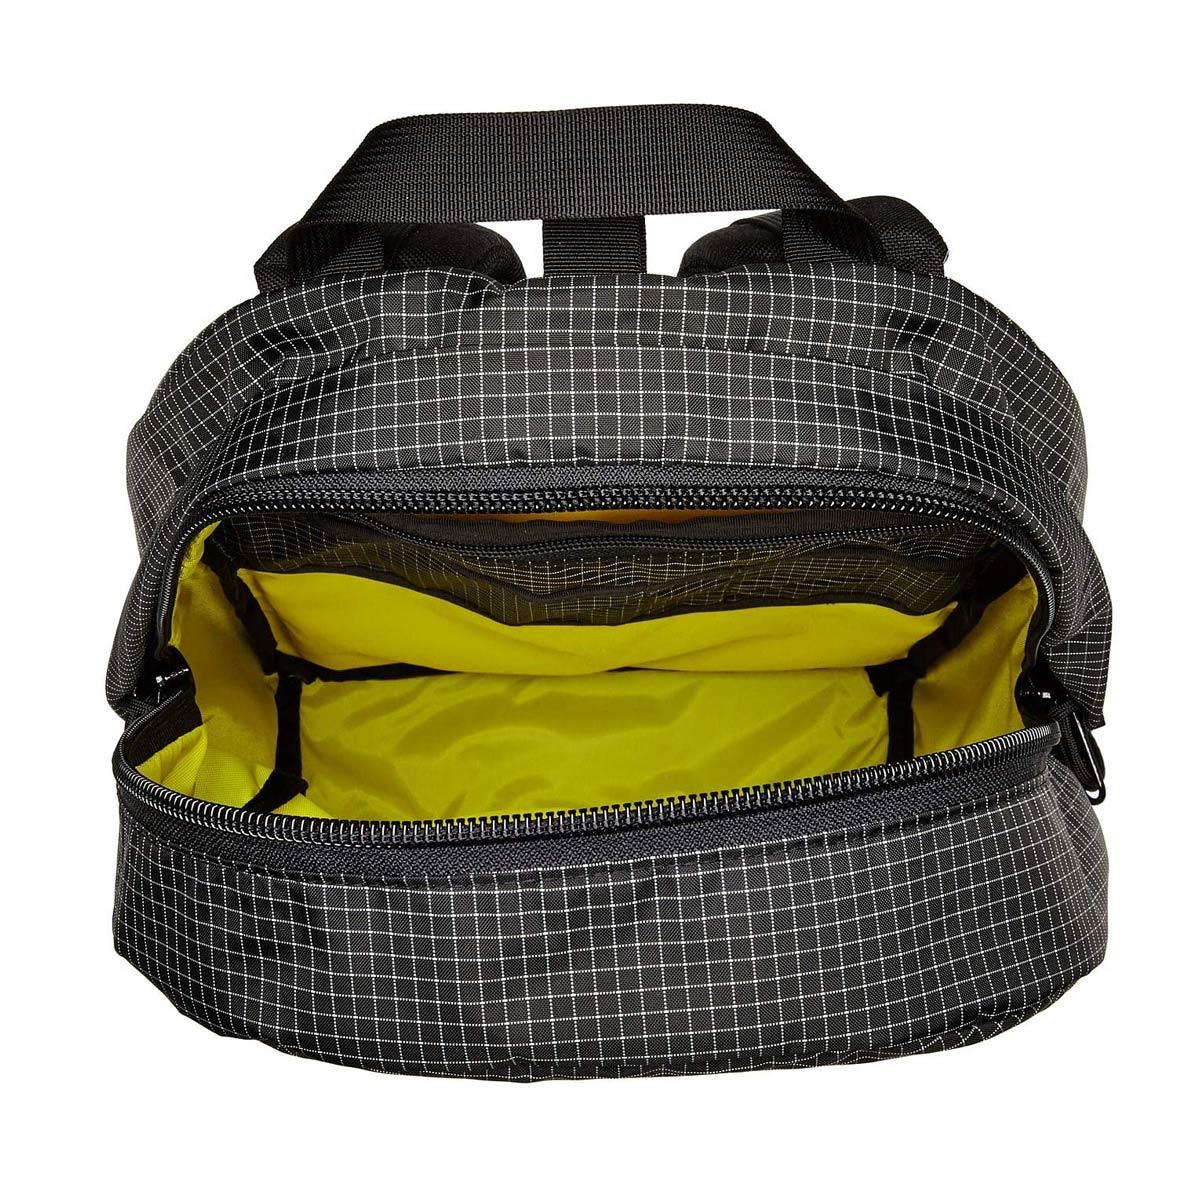 Topo Designs Daypack Black/White Ripstop, Idealer Reiserucksack für Reise, Stadt, Arbeit oder Schule.